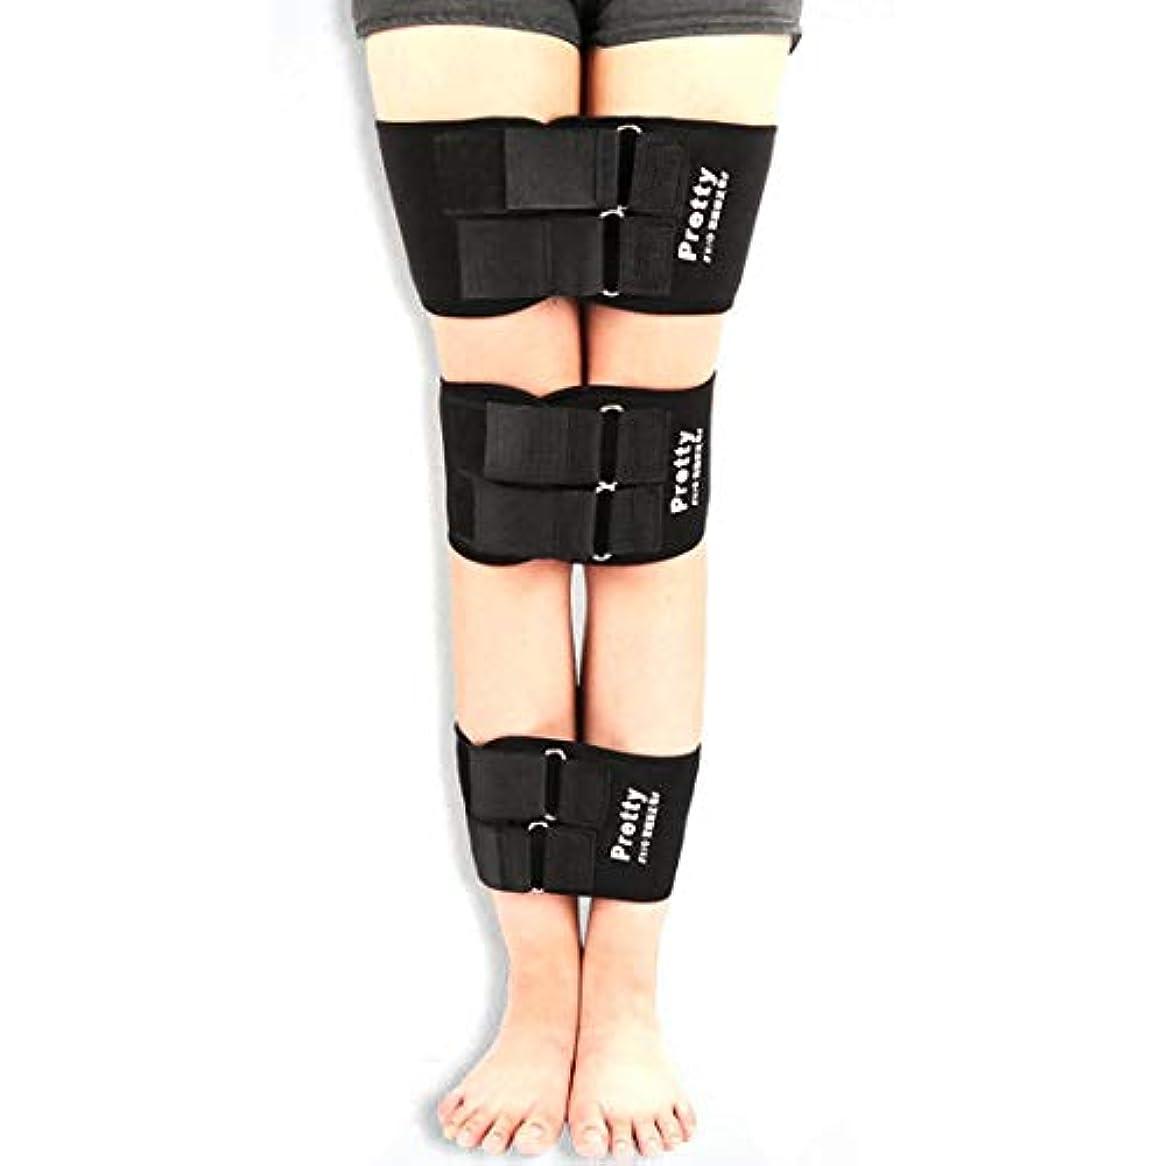 バーゲンイソギンチャク鎮痛剤3ピース/セットO/Xレッグコレクターブレースバンデージレッグコレクションベルトストレートニングバンデージ腿ニーブレースバンドサポート (Panda) (色:紫)